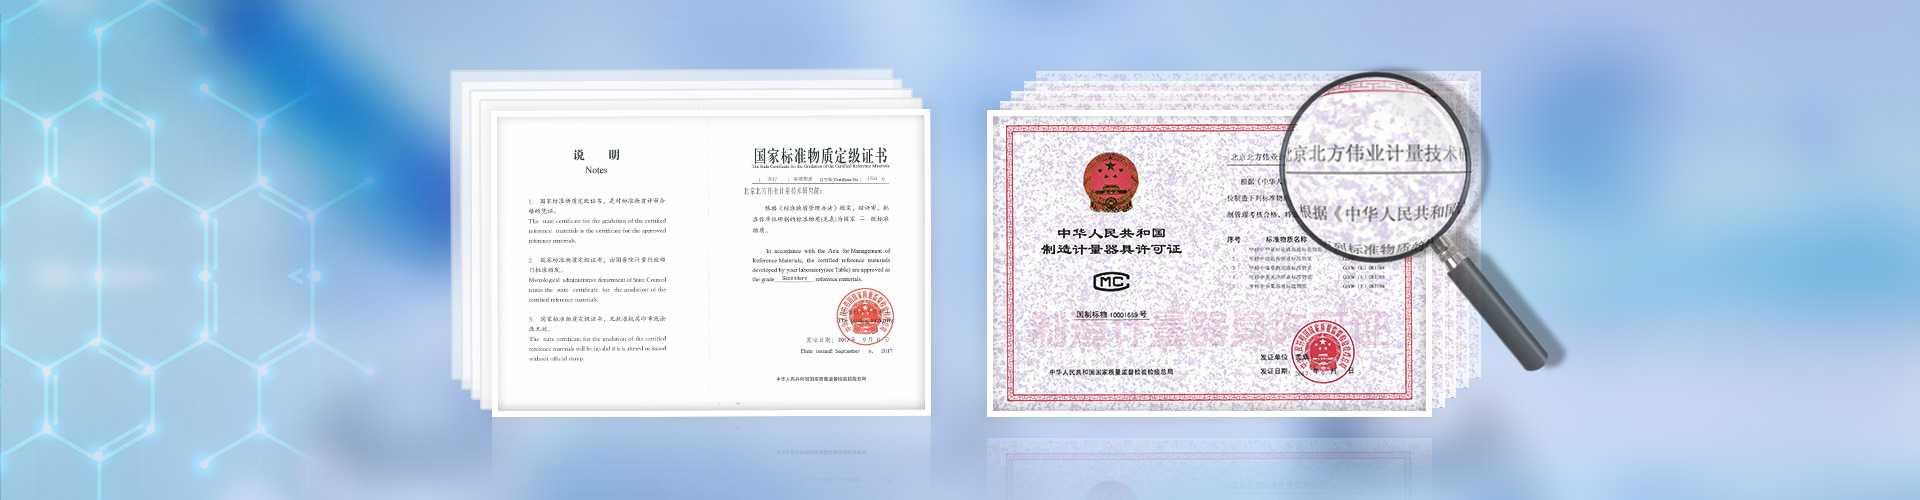 资质证书-www.hongyun360.net博彩评级网